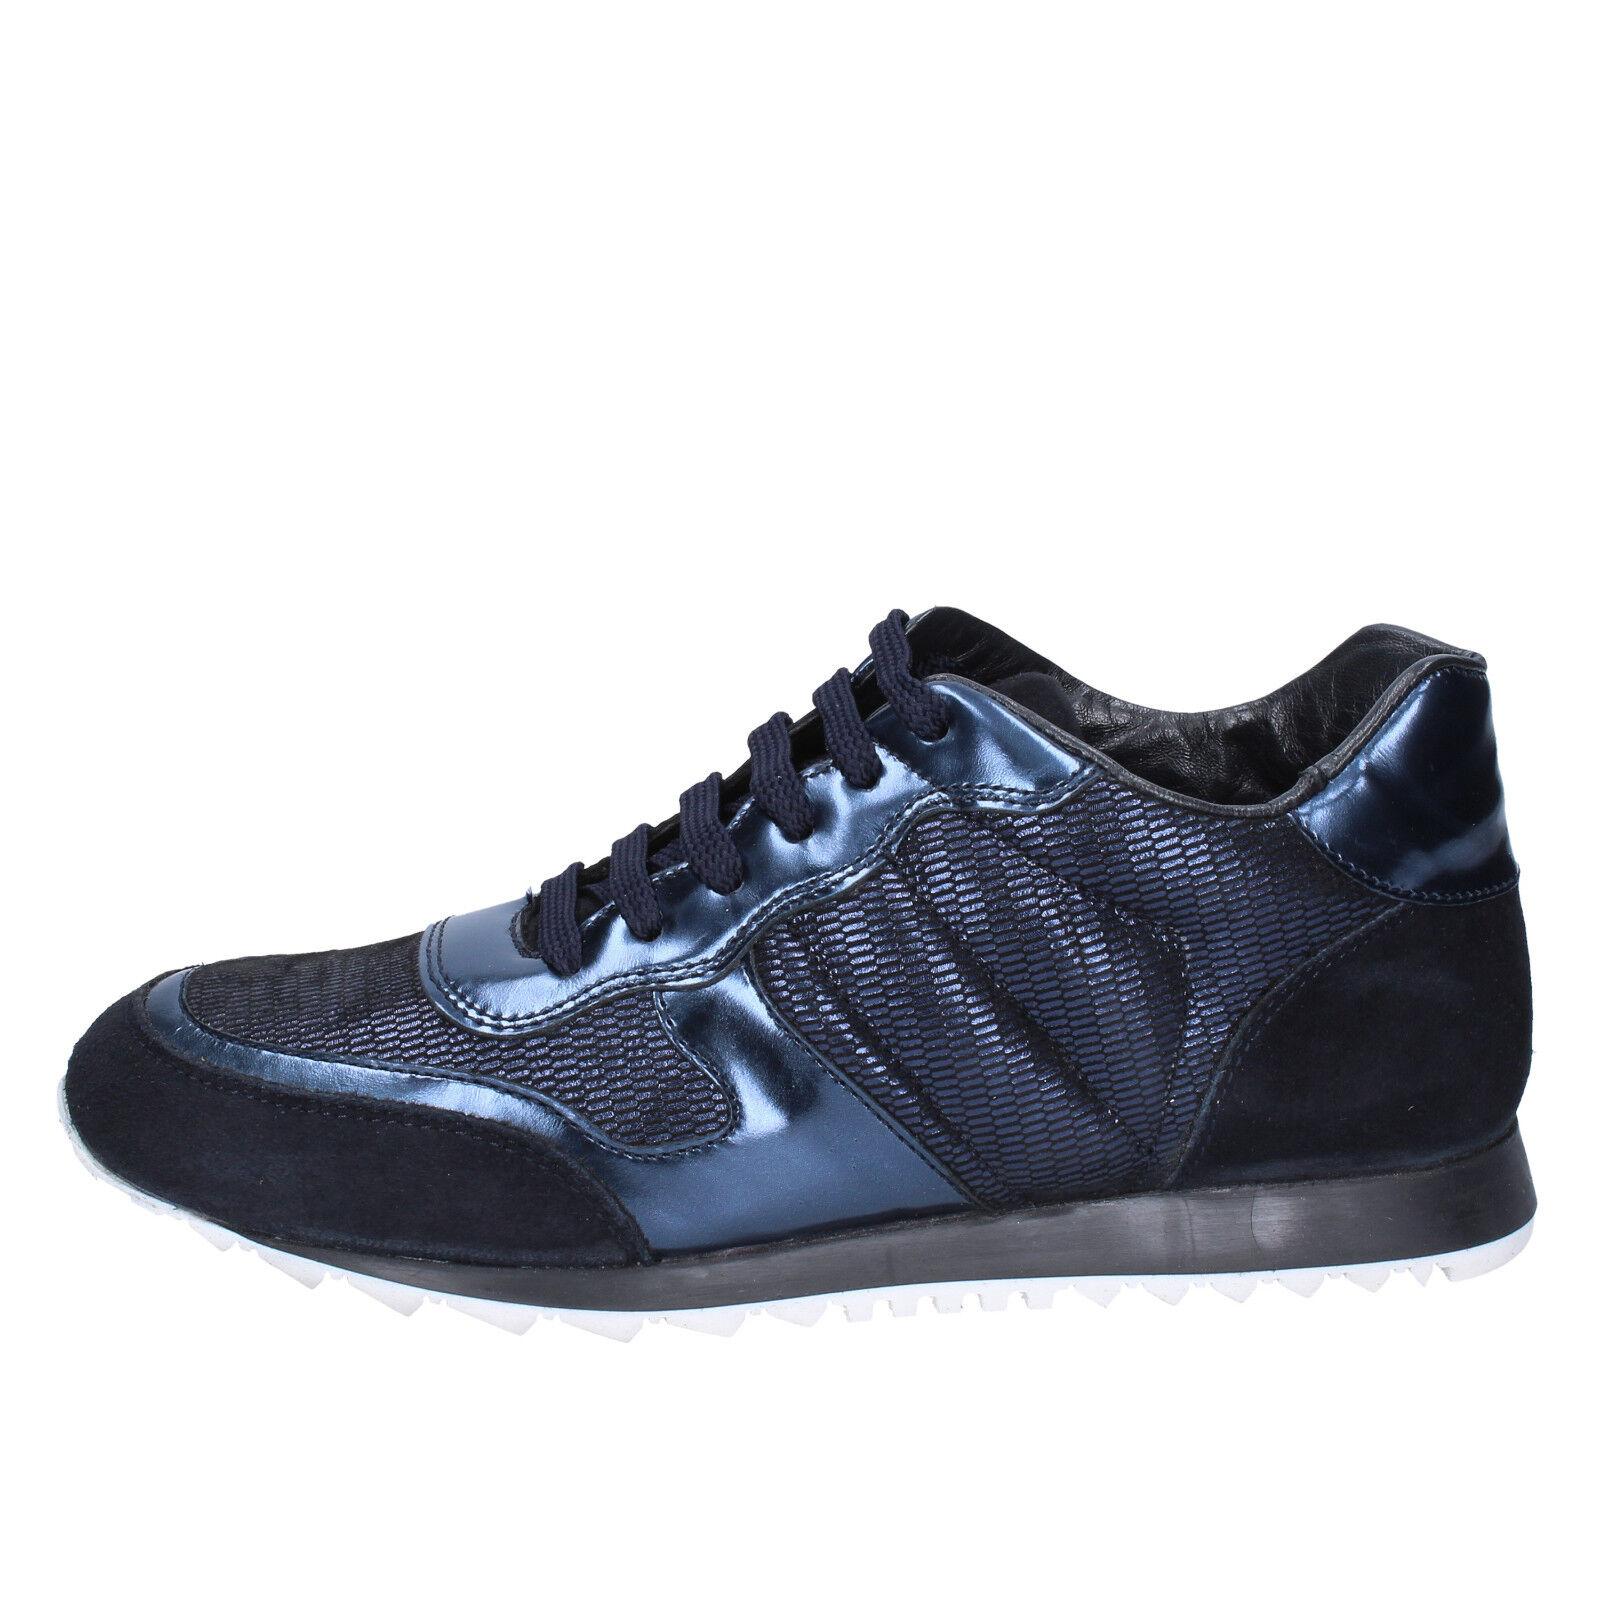 Zapatos para mujer Triver Flight 7 () Zapatillas Gamuza Cuero Azul BX577-40